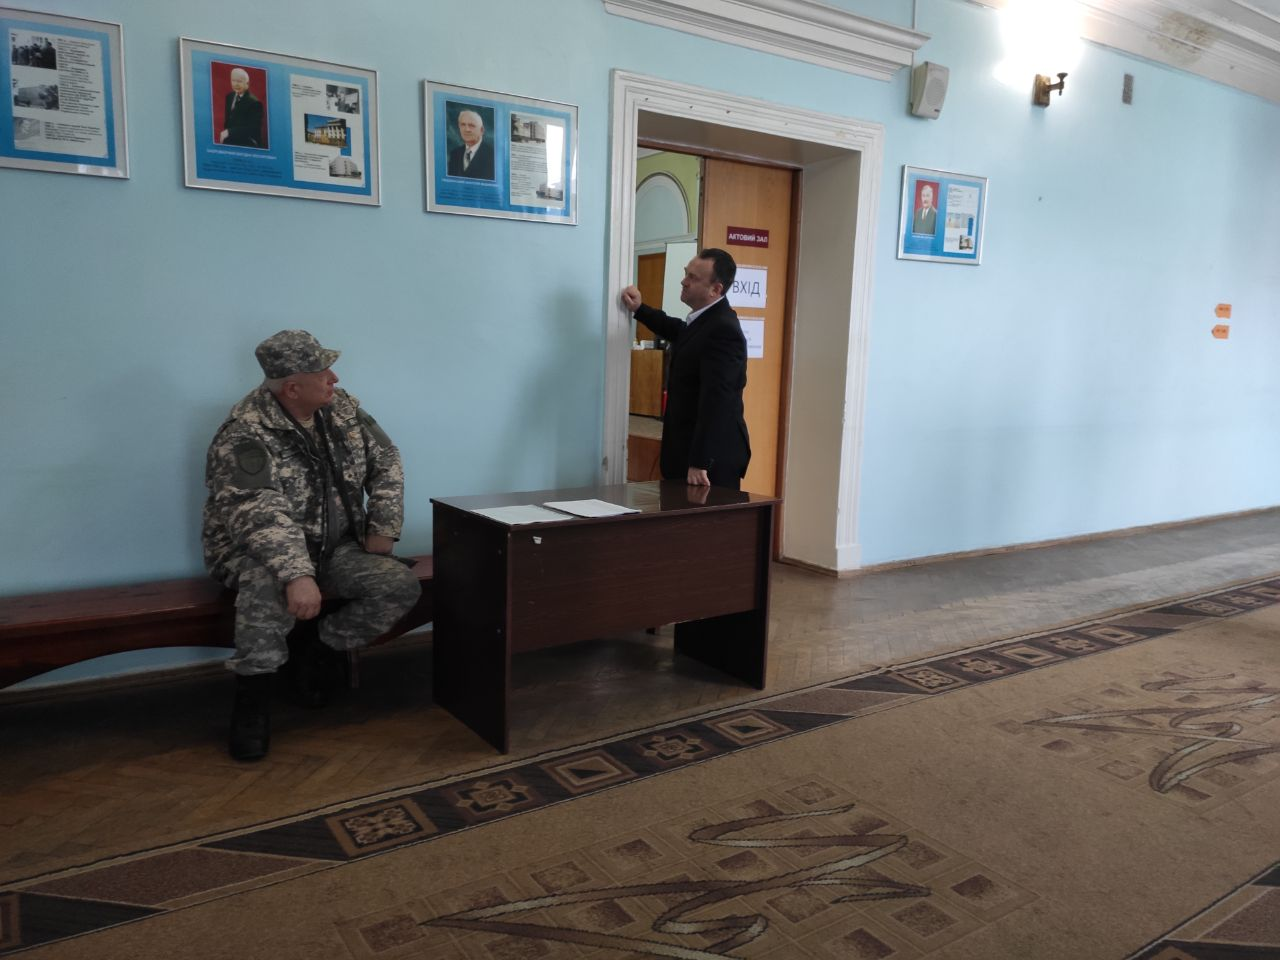 Охоронець на вході до зали, в якій відбувалось голосування